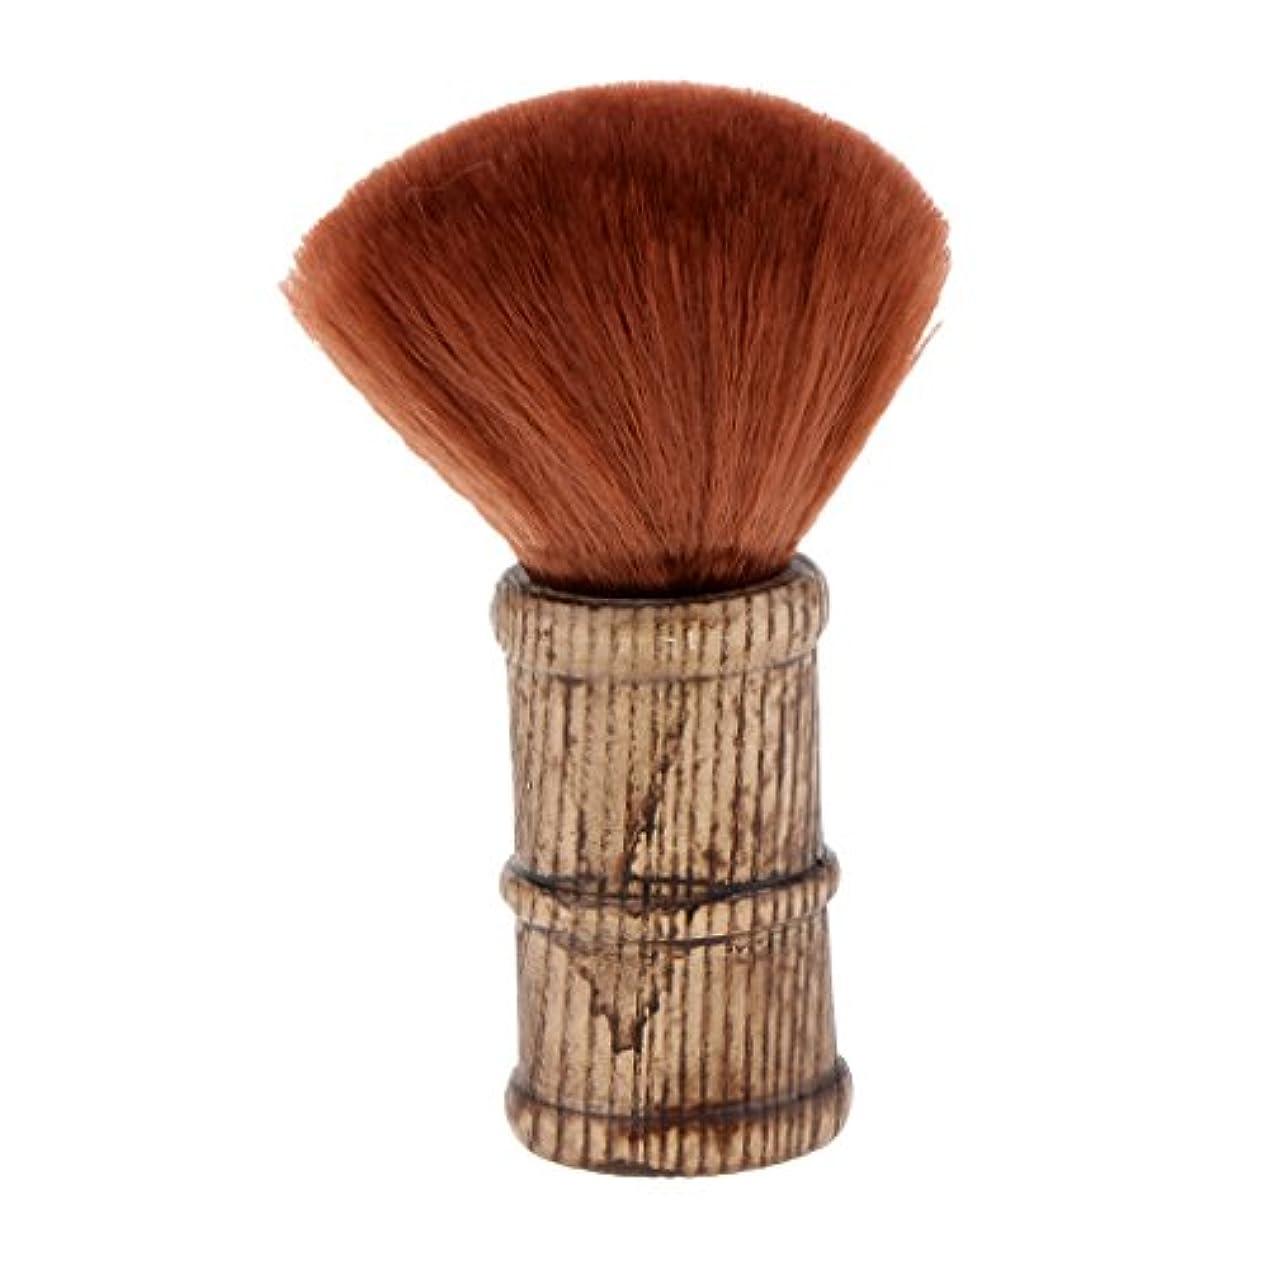 肘定数味Sharplace ネックダスターブラシ ヘアカットブラシ メイクブラシ サロン 理髪師 2色選べ - 褐色